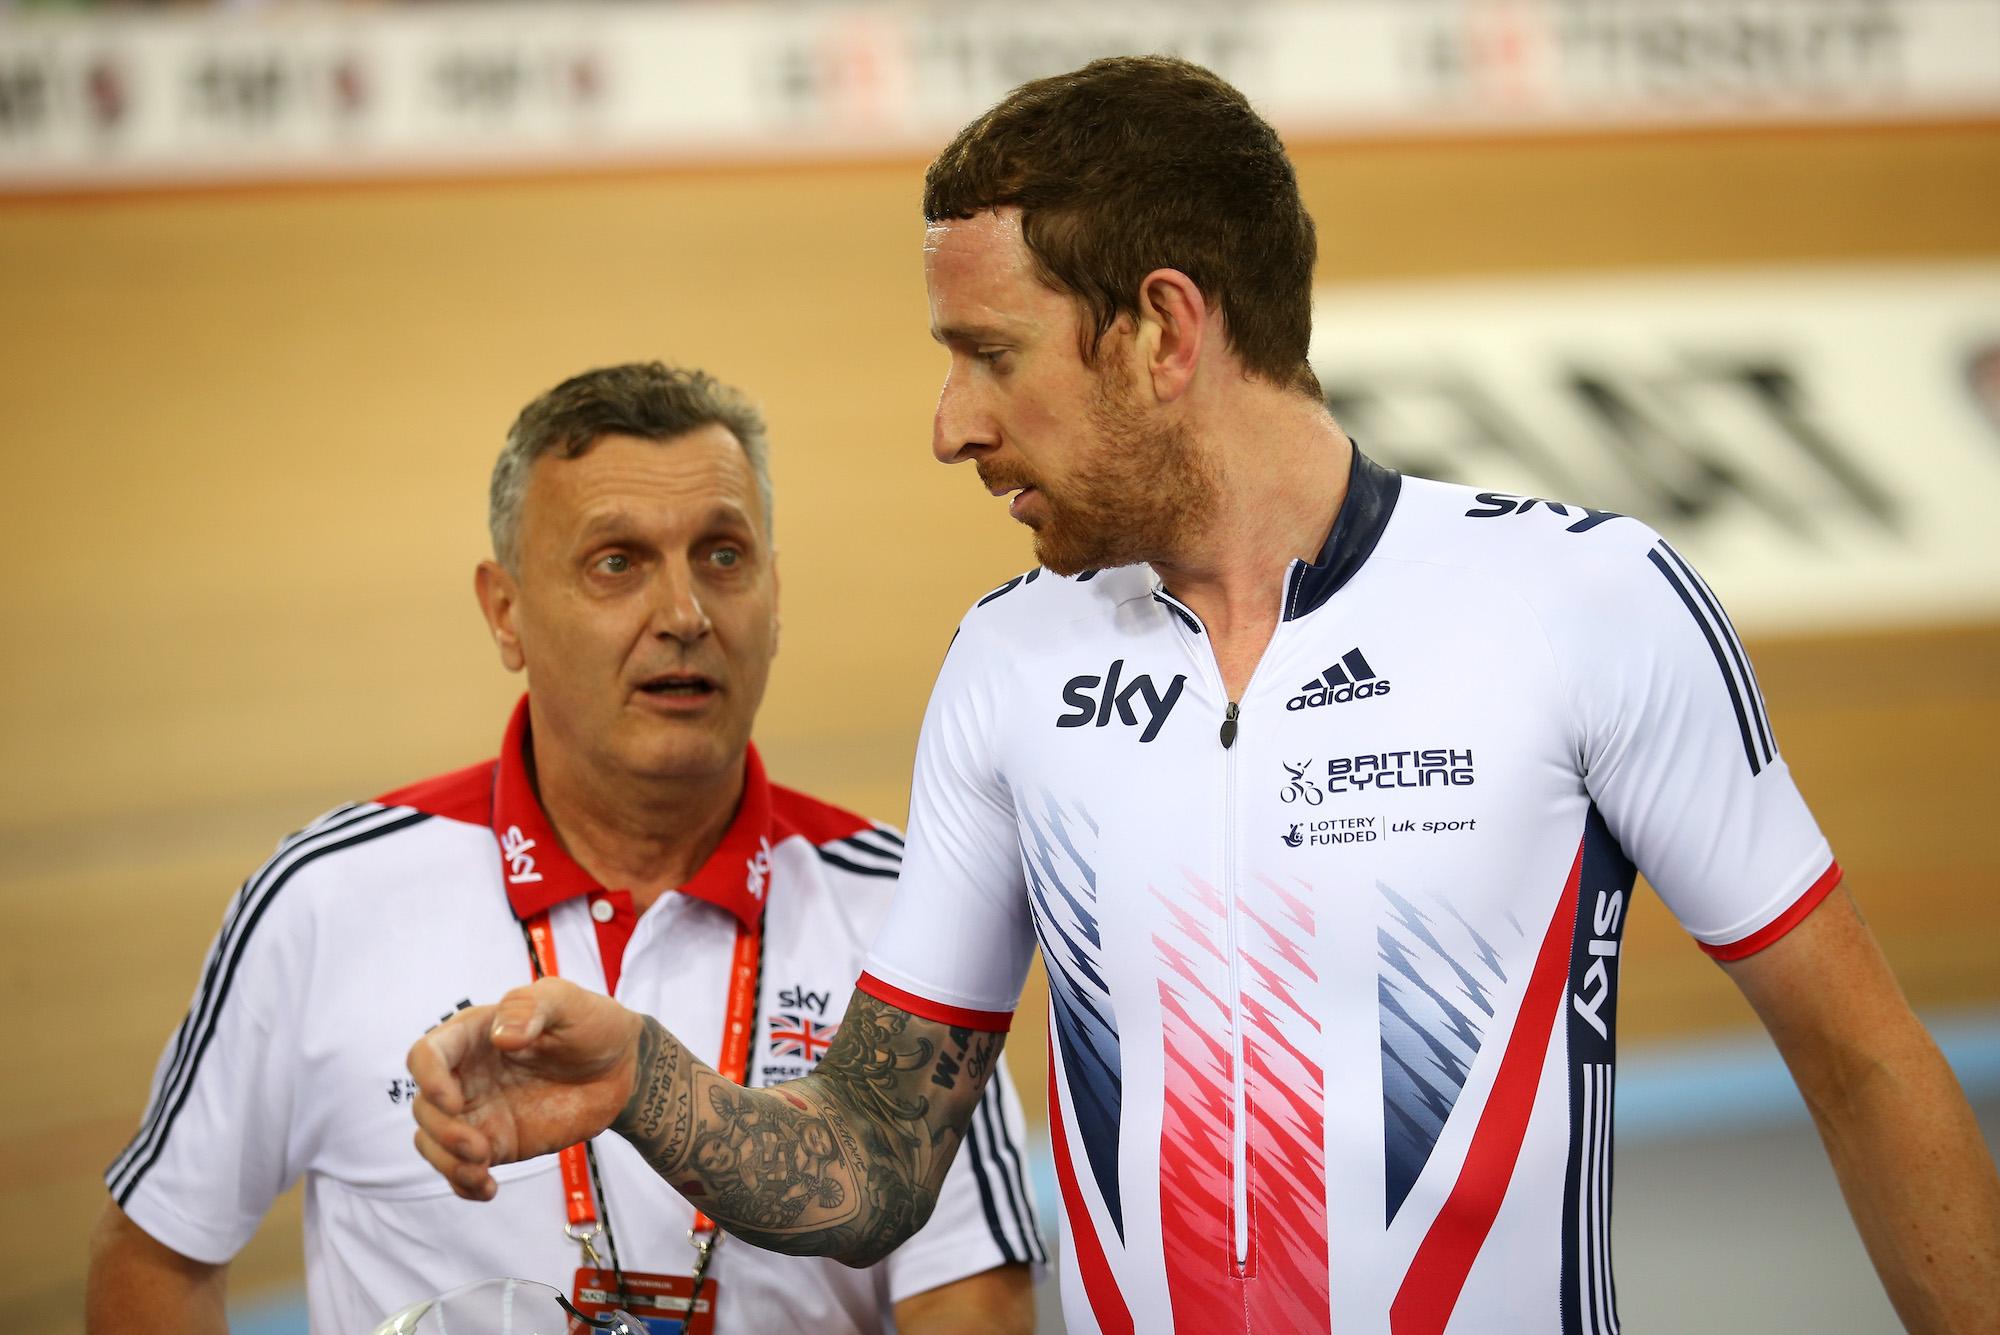 'Fue uno de los primeros entrenadores en creer en mi potencial': Fallece Heiko Salzwedel, ex entrenador olímpico de ciclismo británico